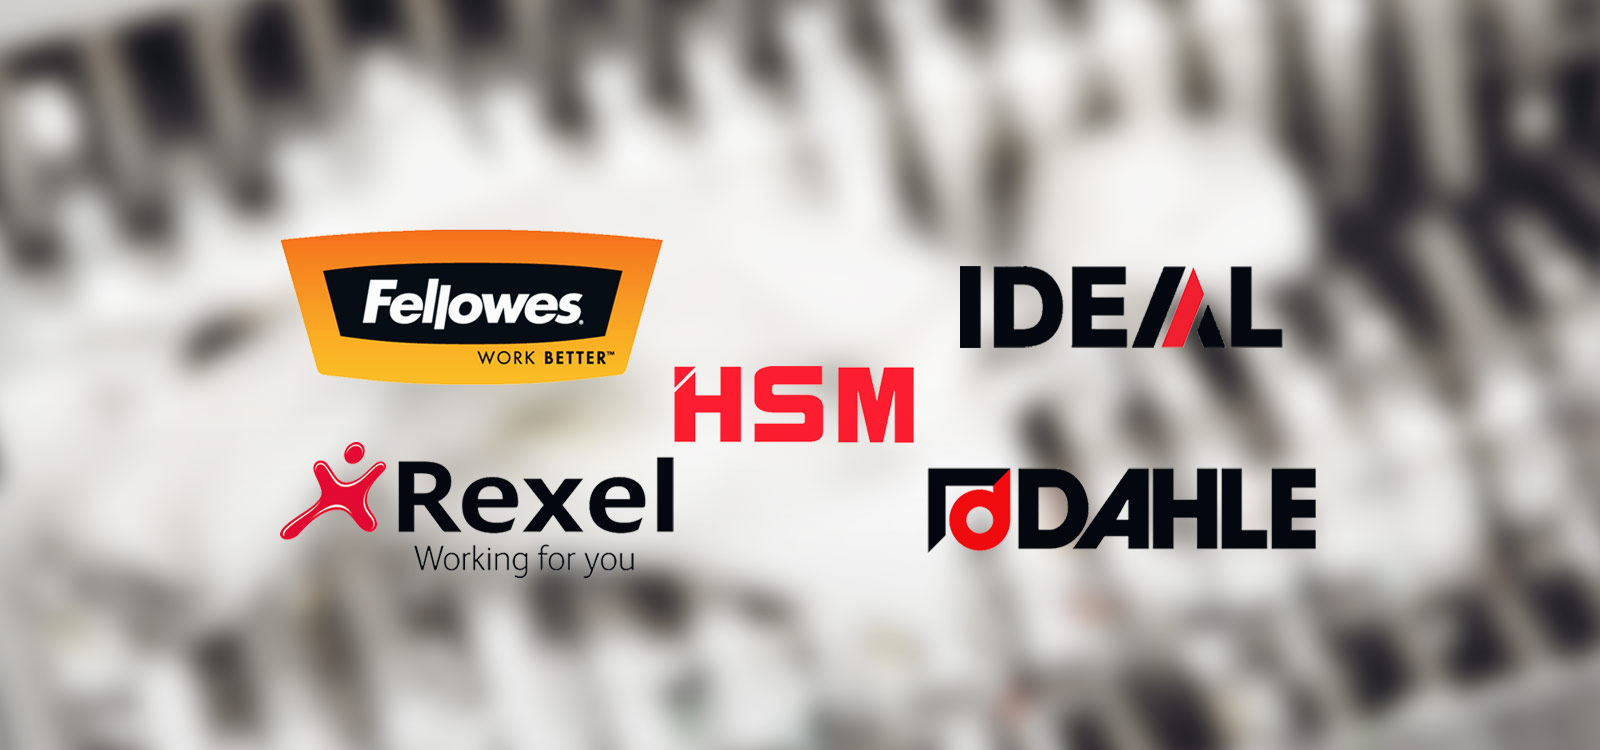 fellowes-ideal-hsm-rexel-dahle-desq-papiervernietigers